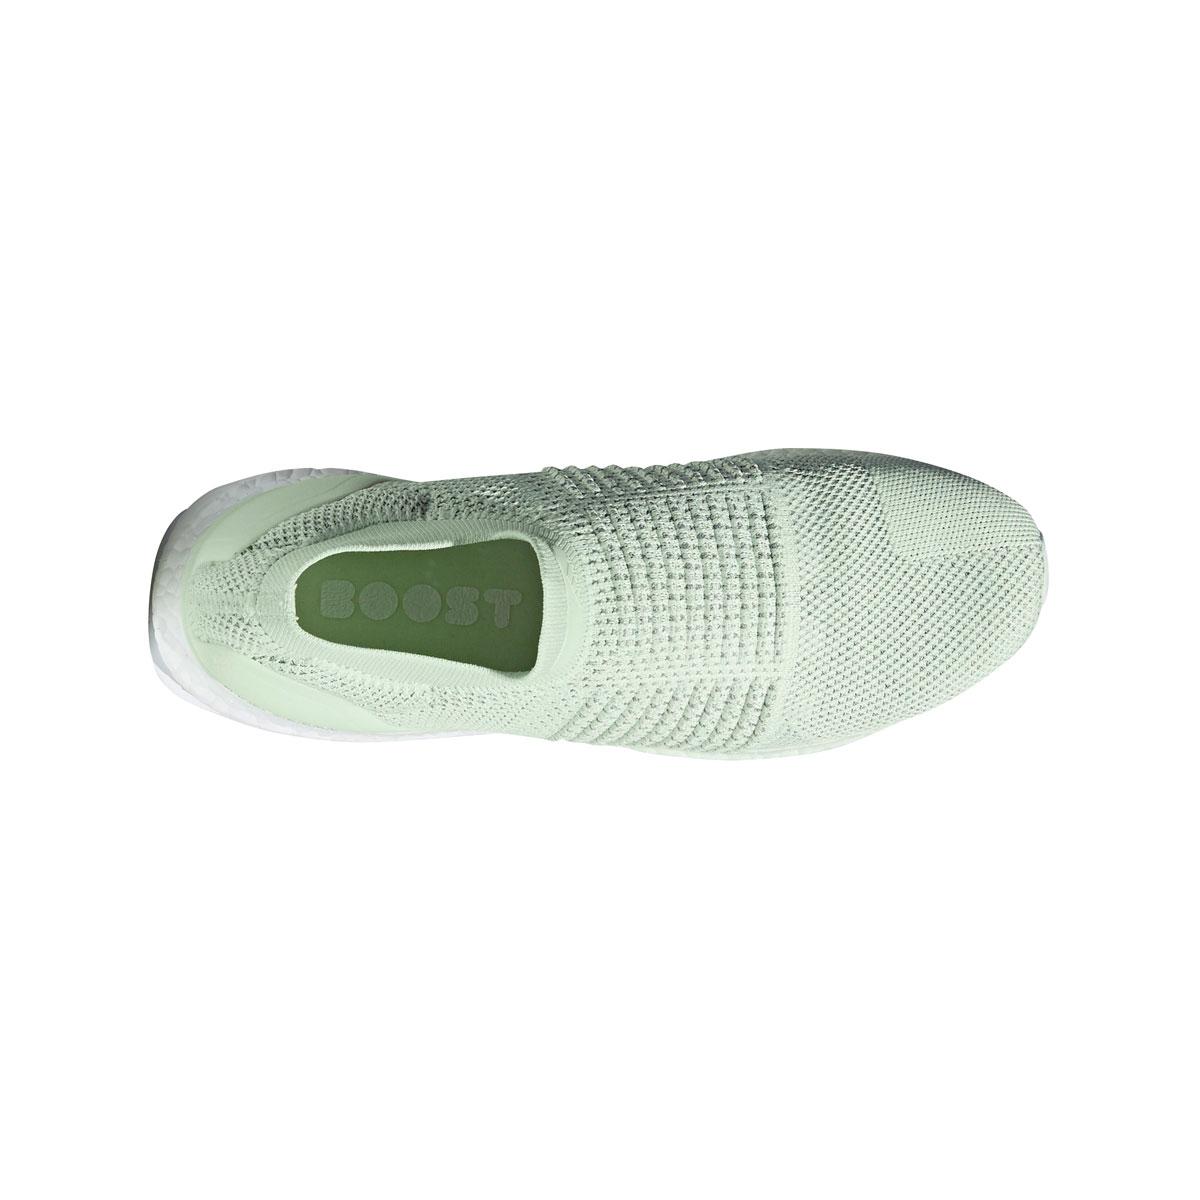 ecee71d32702d adidas UltraBOOST LACELESS LTD (Ash Green Aero Green Running White)